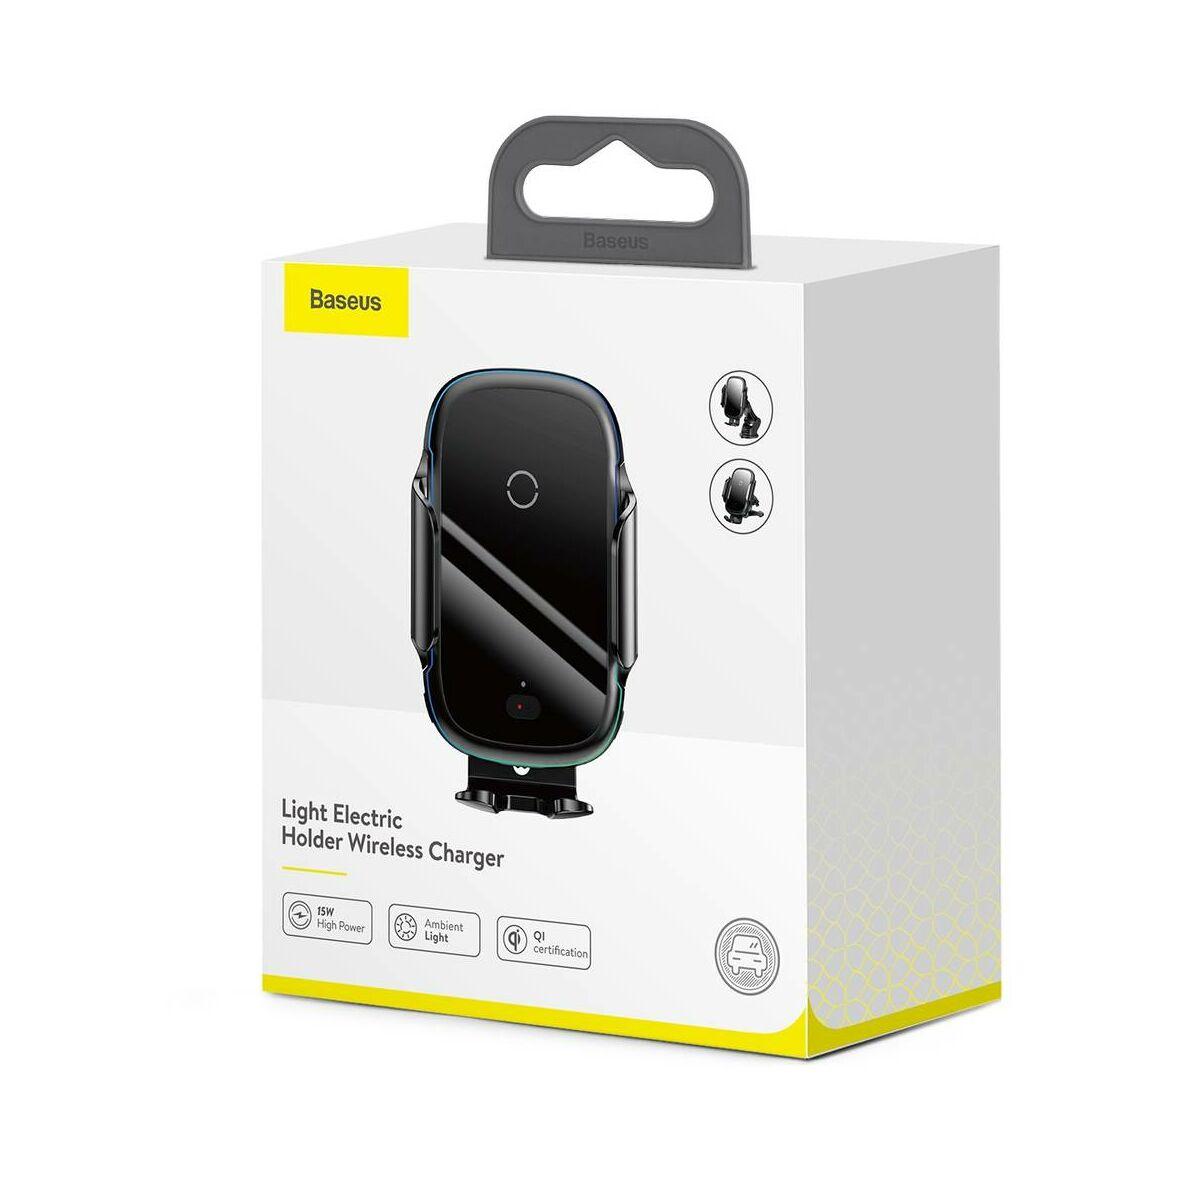 Baseus autós telefontartó, vezeték nélküli töltő, Light Electric elektromos nyitás, automata infra szenzoros zárás, 15W, fekete (WXHW03-01)